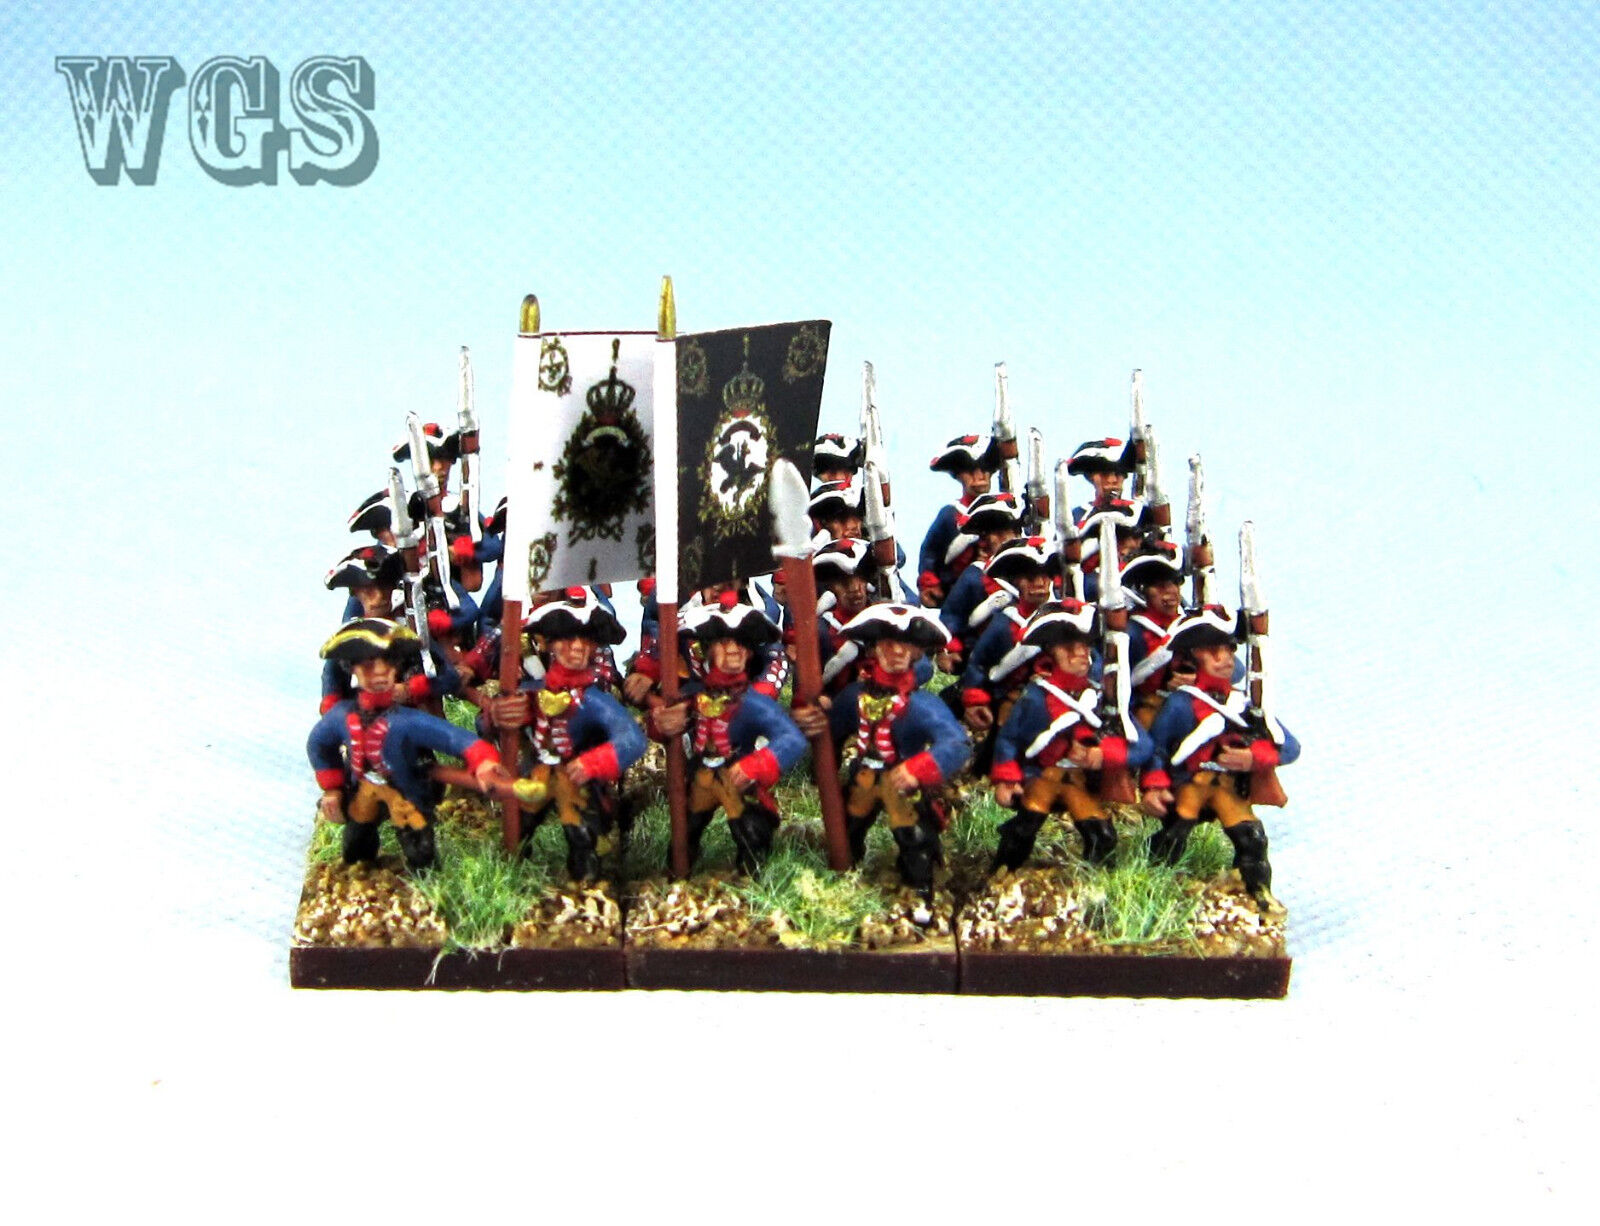 15 syw sieben jahre krieg wgs preußischen musketier btln pa15 gemalt